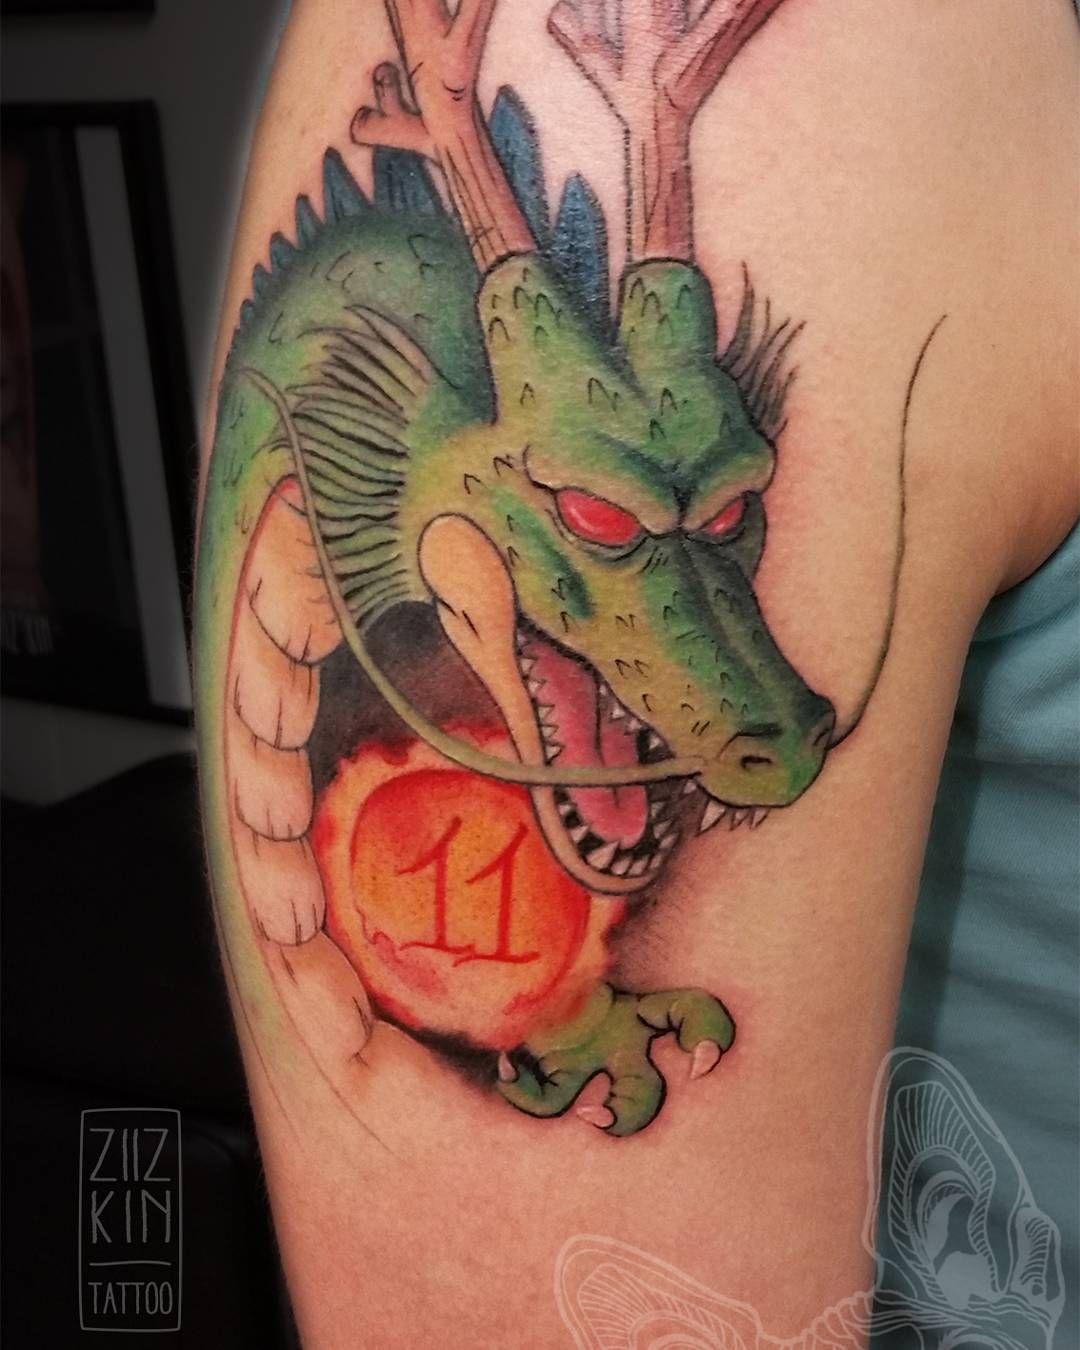 Gefallt 56 Mal 1 Kommentare Gauthier Ziizkin Tattooist Auf Instagram Art Work Draw Drawing D Dragon Tattoos For Men Tattoos For Guys Dragon Tattoo